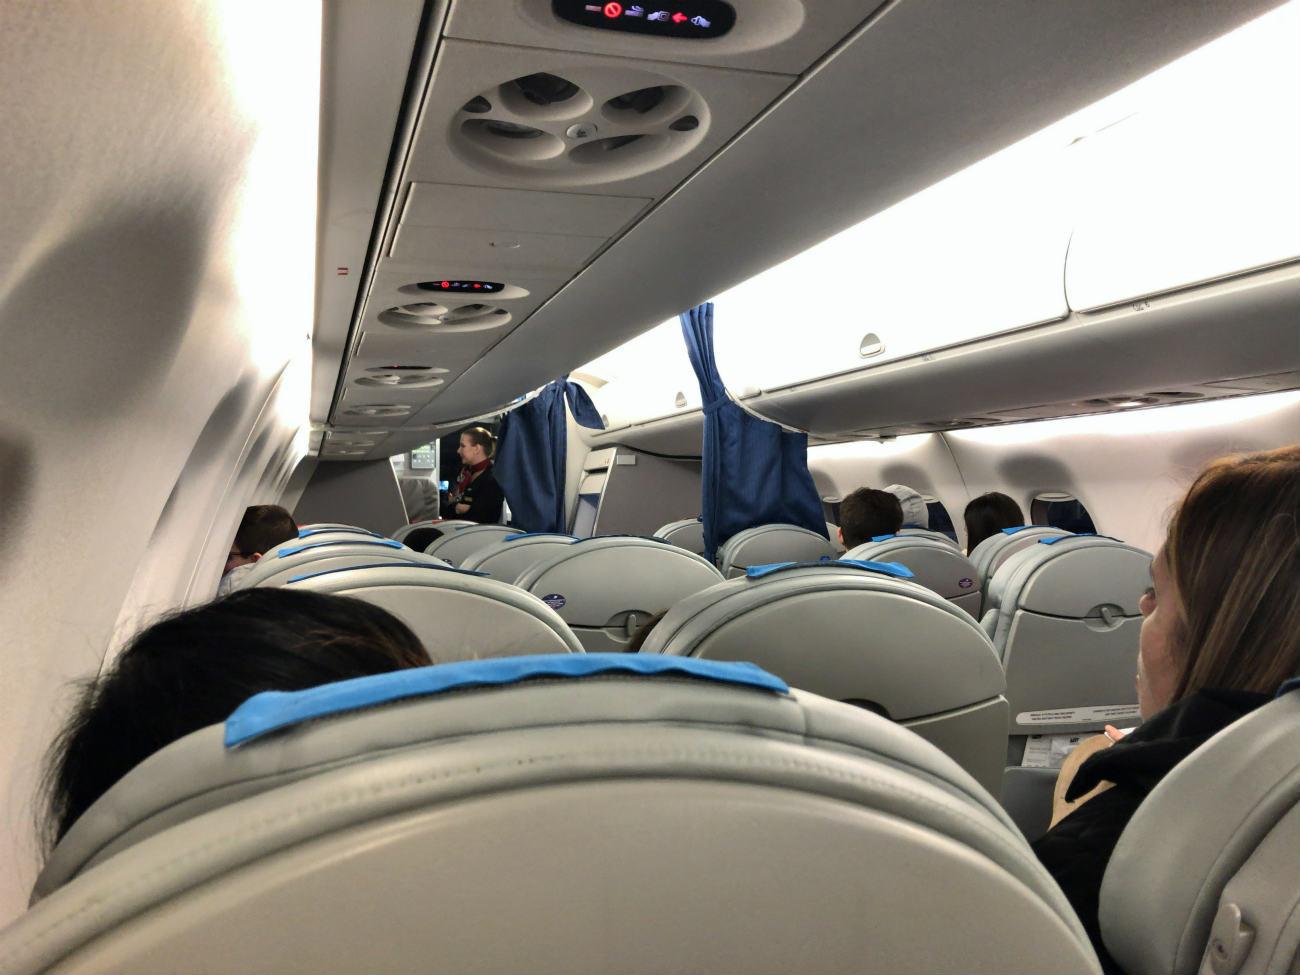 ポーランド航空機内の様子